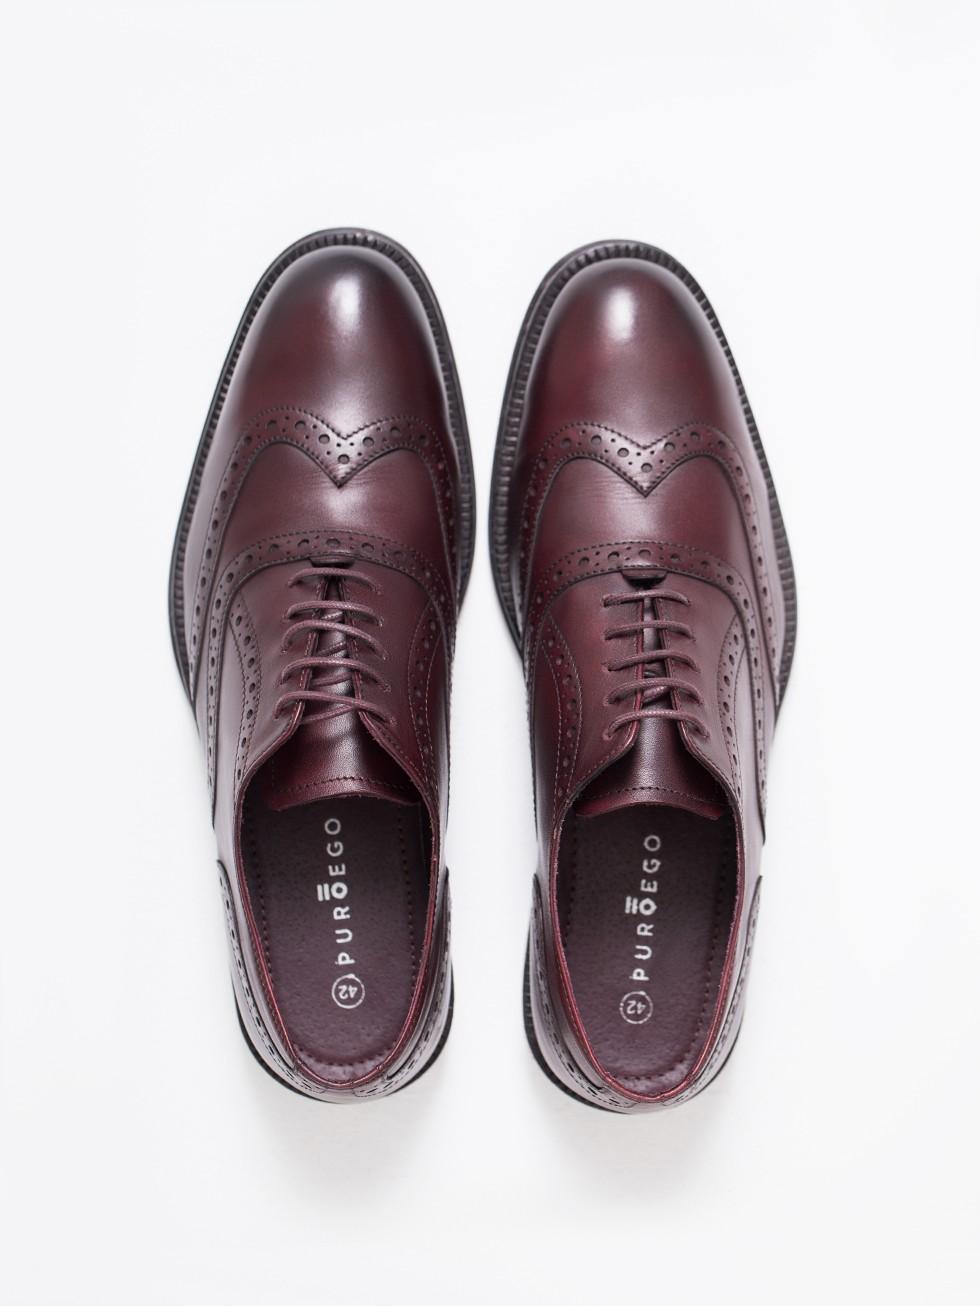 e39dc9b247 Zapato oxford picado piel burdeos · Zapato oxford picado piel burdeos ...